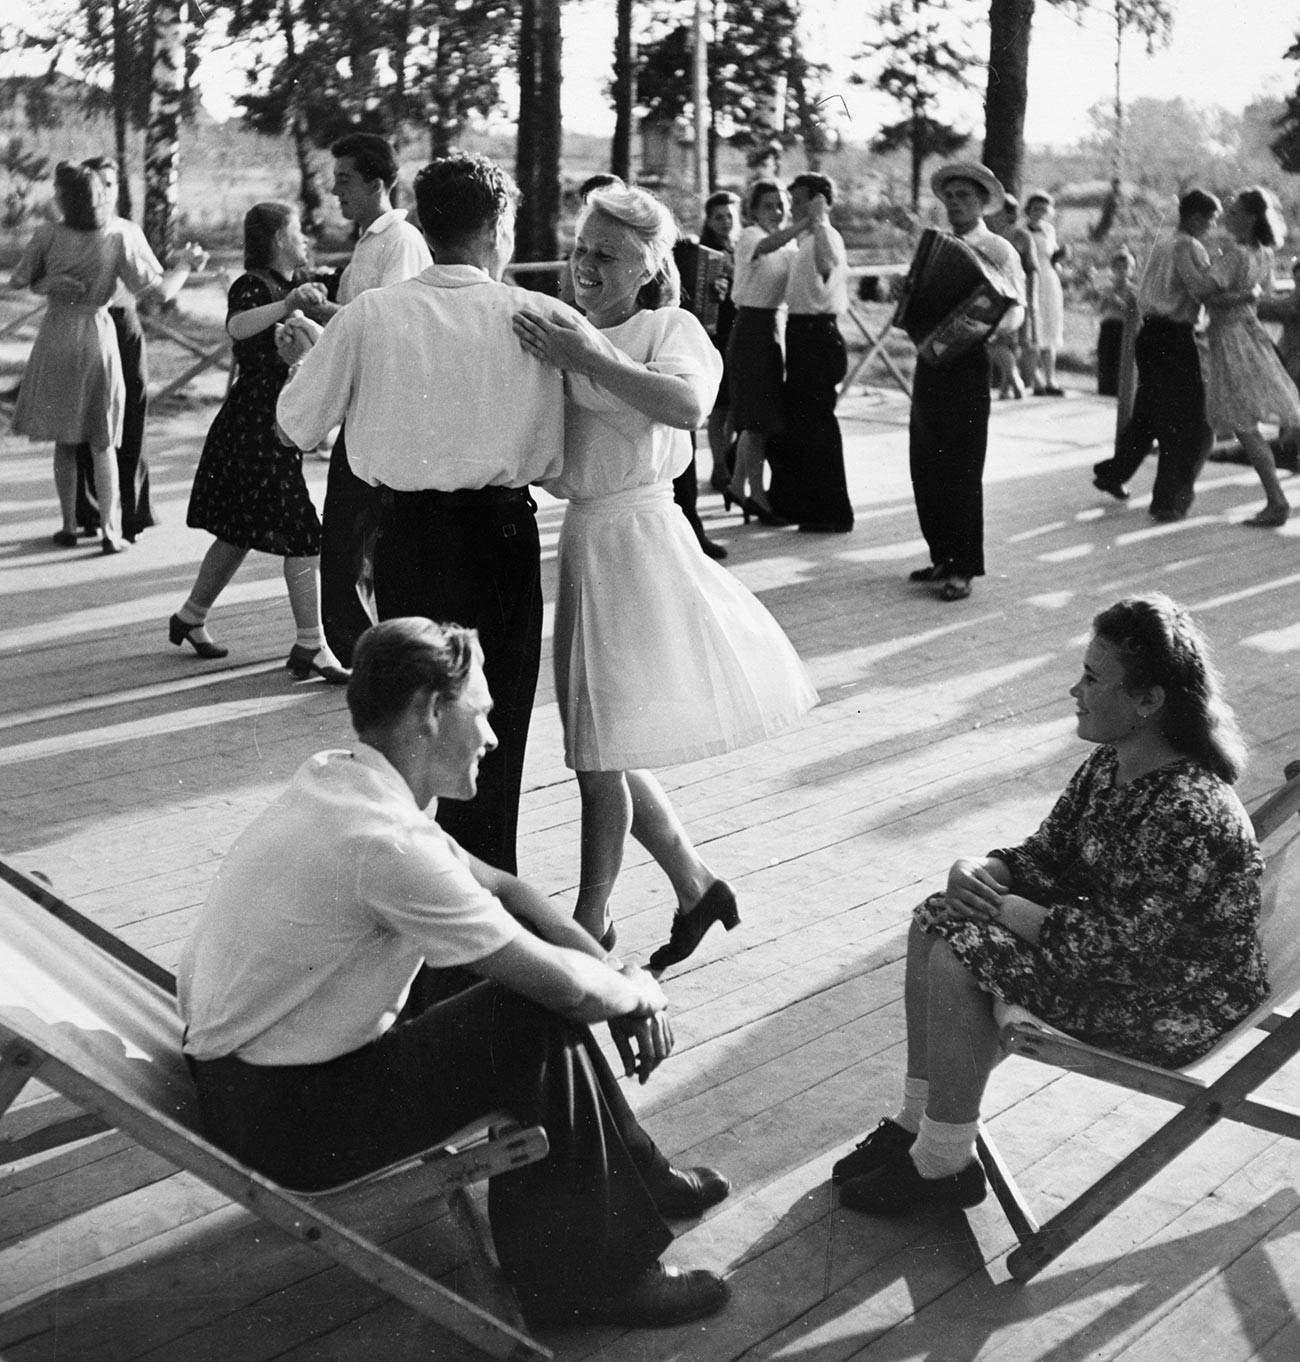 Sovjetska banja, paviljon za ples u odmaralištu radnika tekstilne industrije grada Ivanova, rujan 1949.